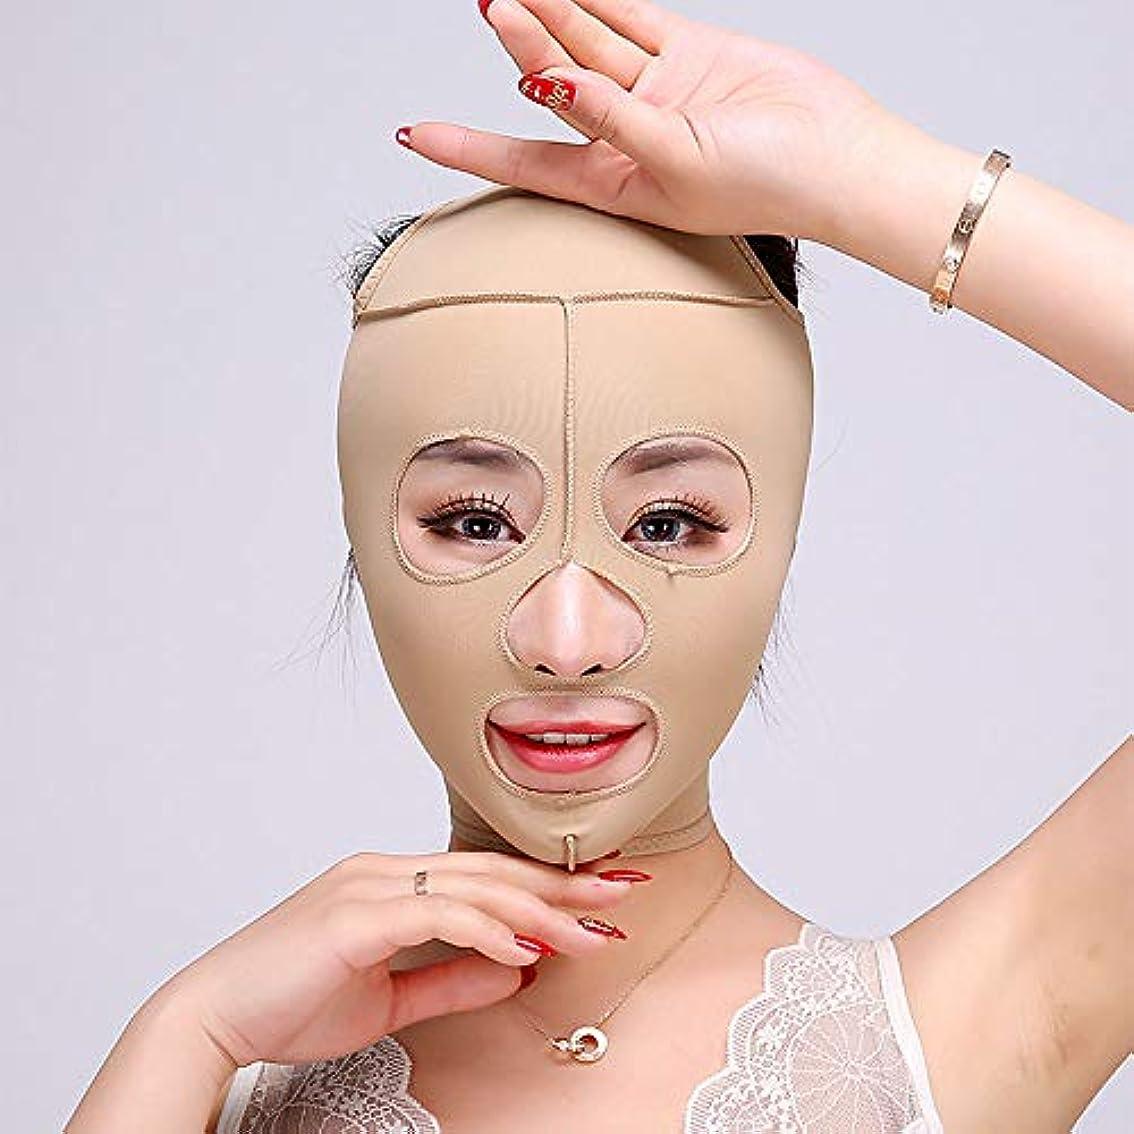 依存管理者性別肌に優しい睡眠薄いフェイス包帯、小さなVフェイス包帯/フェイスマスク/リフティングフェイス引き締め改装二重あご(カラー)